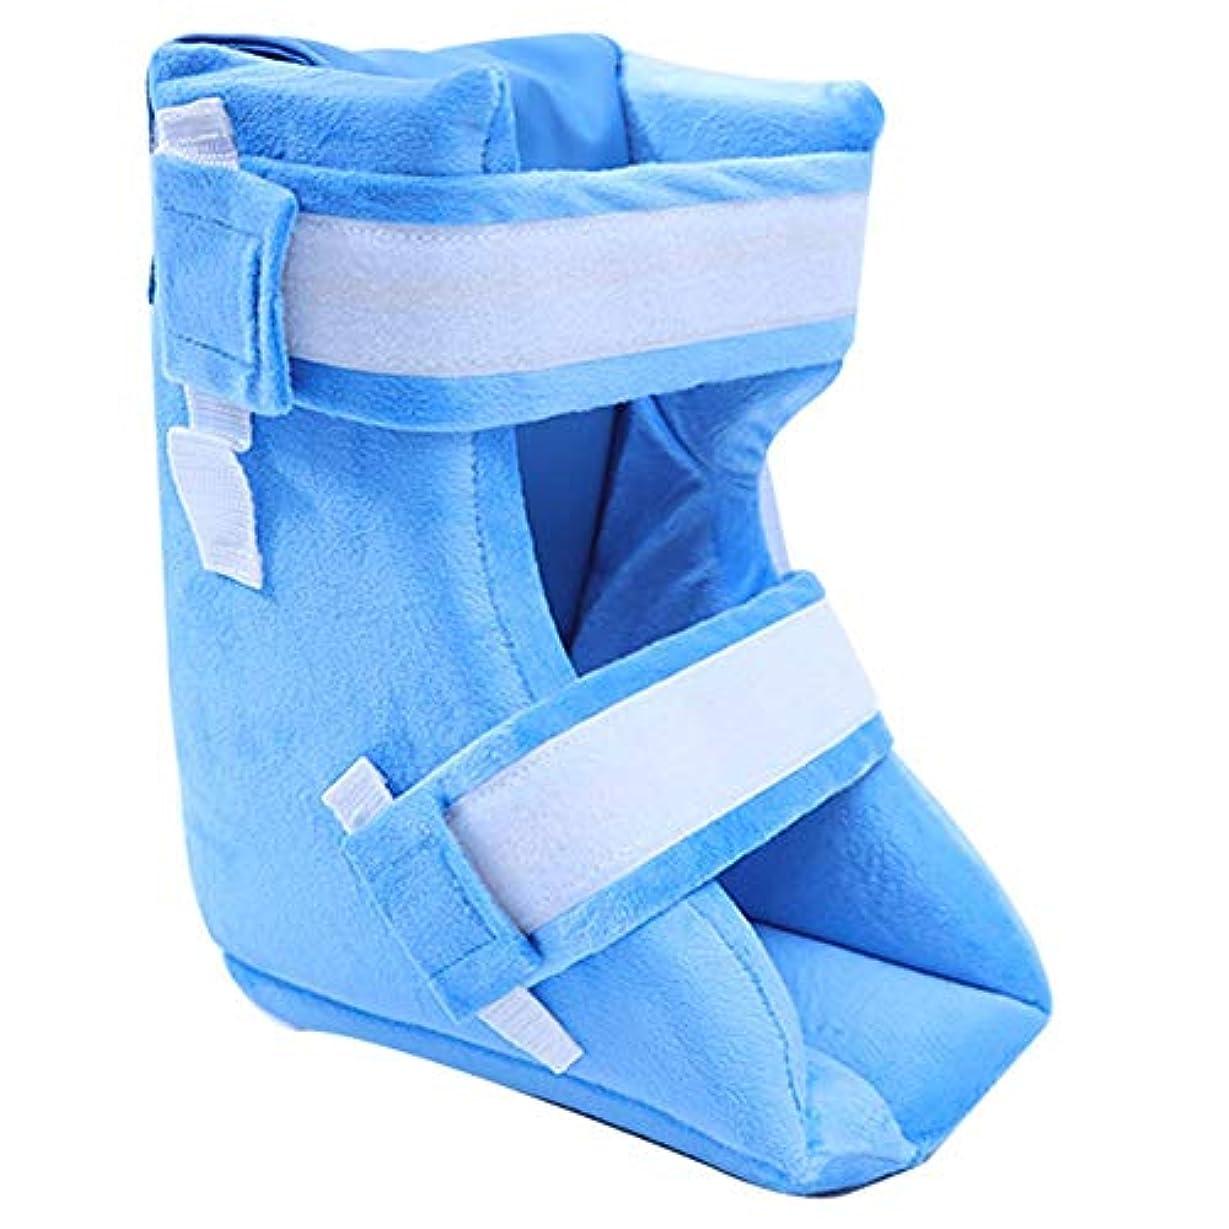 患者石アシュリータファーマン反褥瘡のかかとの保護材のクッション、足首サポート枕フットプロテクション、ライトブルー、13.77×9.84インチ,1Pcs